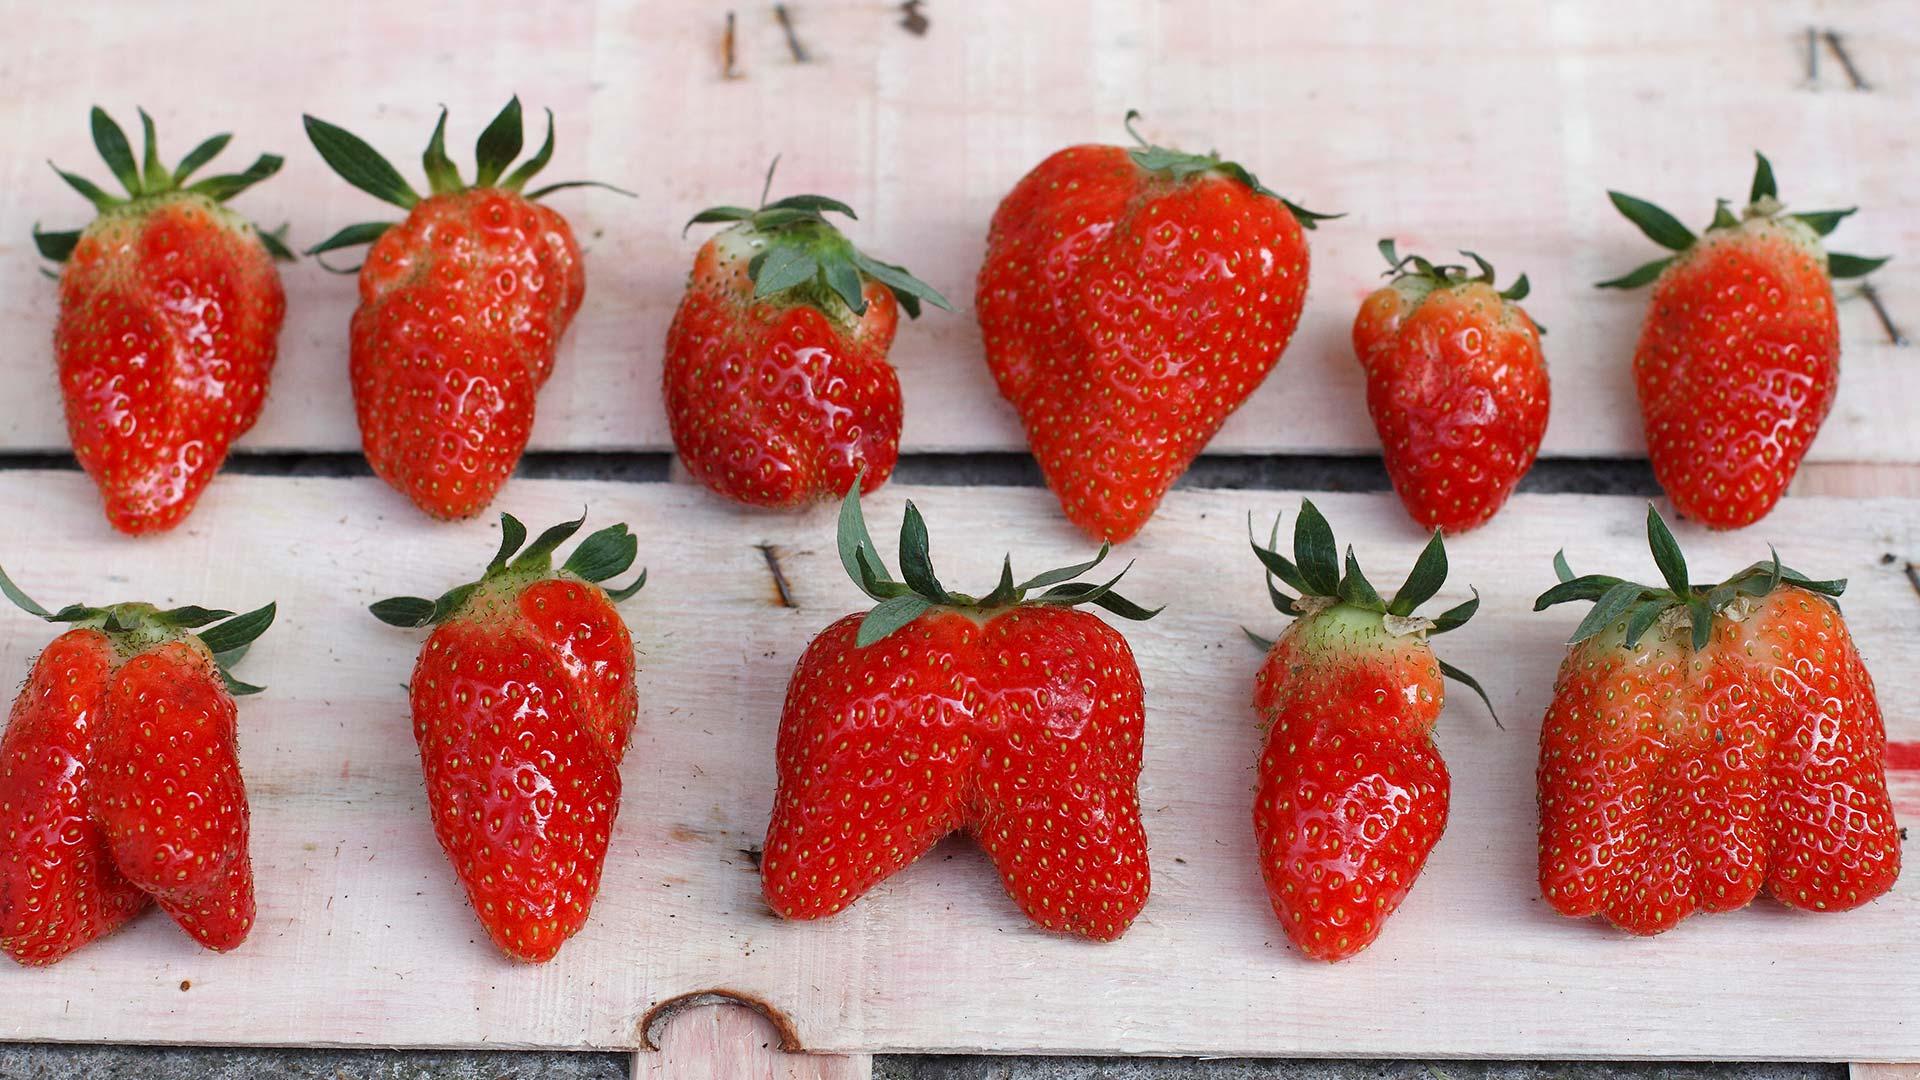 Erdbeeren in verschiedenen Formen und Größen